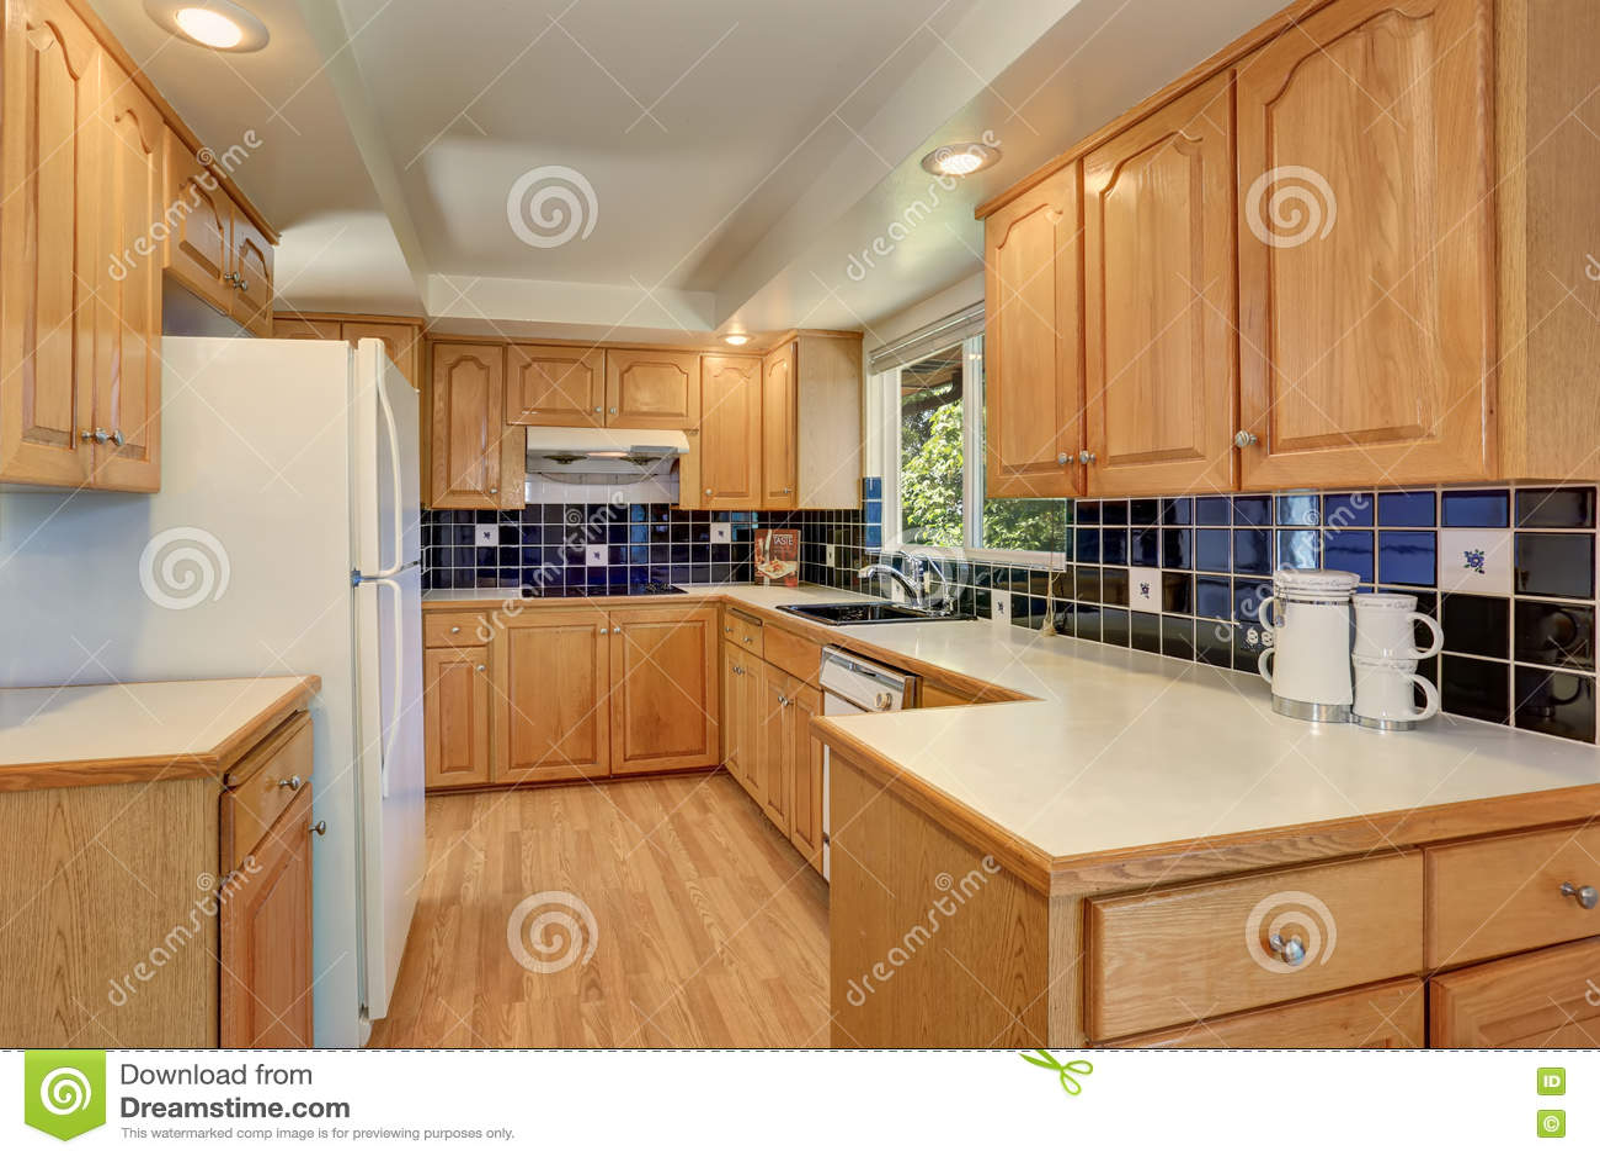 Witte Tegels Keuken : Witte tegels keuken awesome design with witte tegels keuken